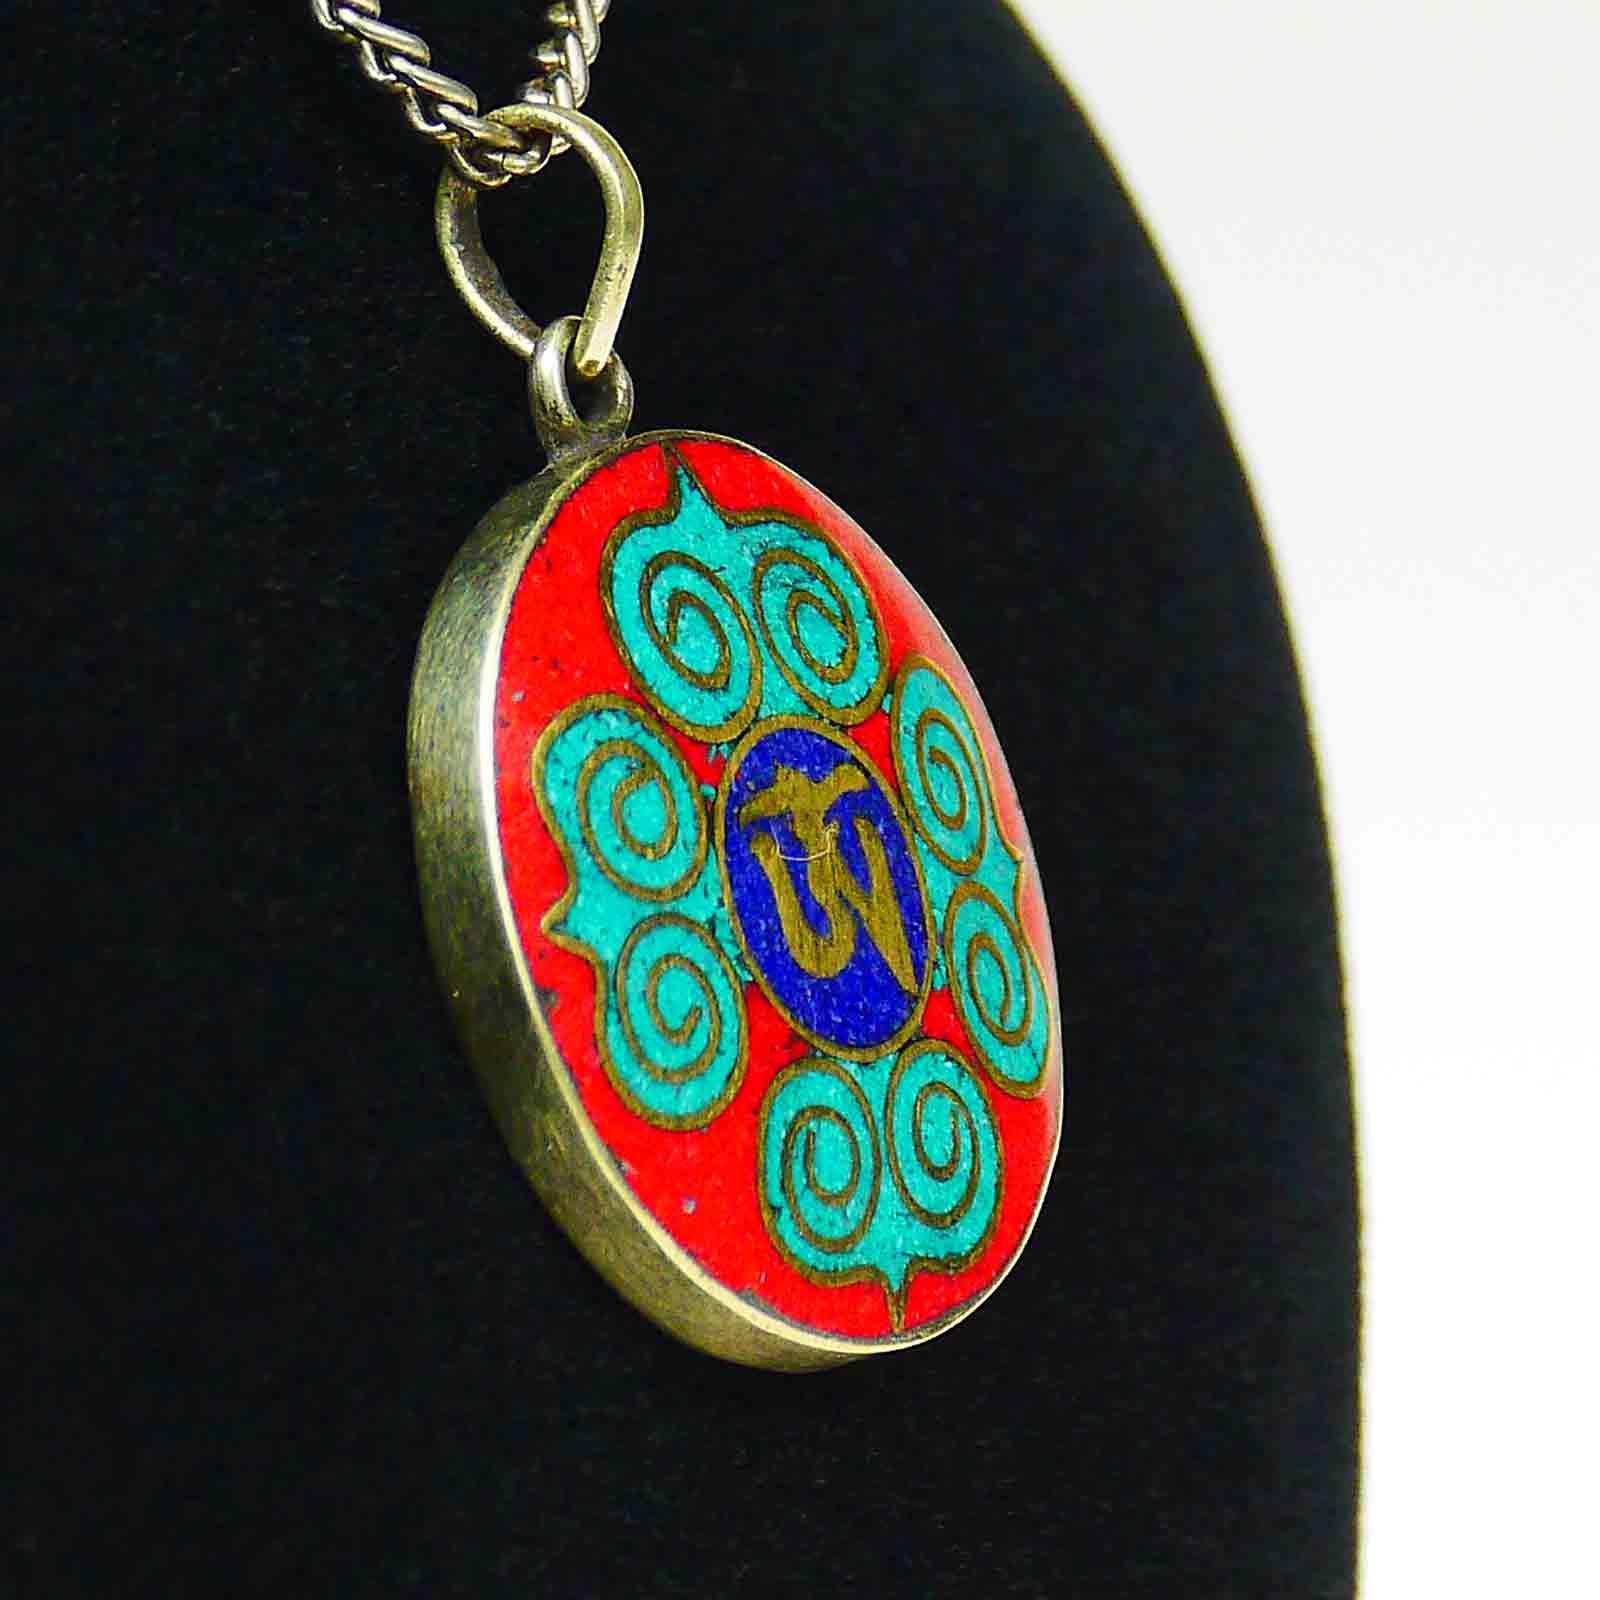 Amulett zum öffnen Edel Tibetisches Gau Medallion Silberschmuck Lotus Nepal a130